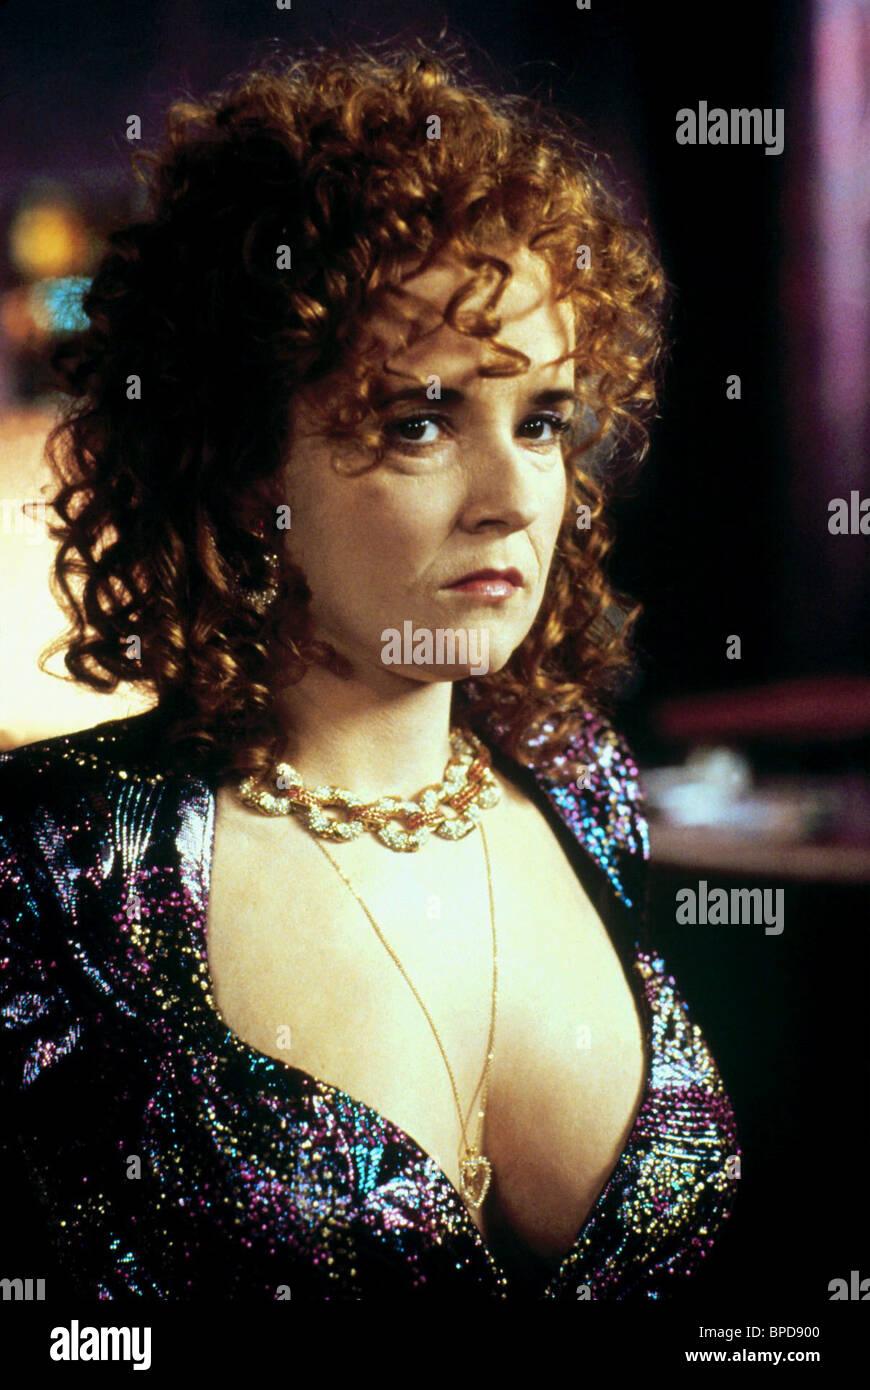 Lea Thompson Back To The Future Part Ii 1989 Stock Photo Alamy